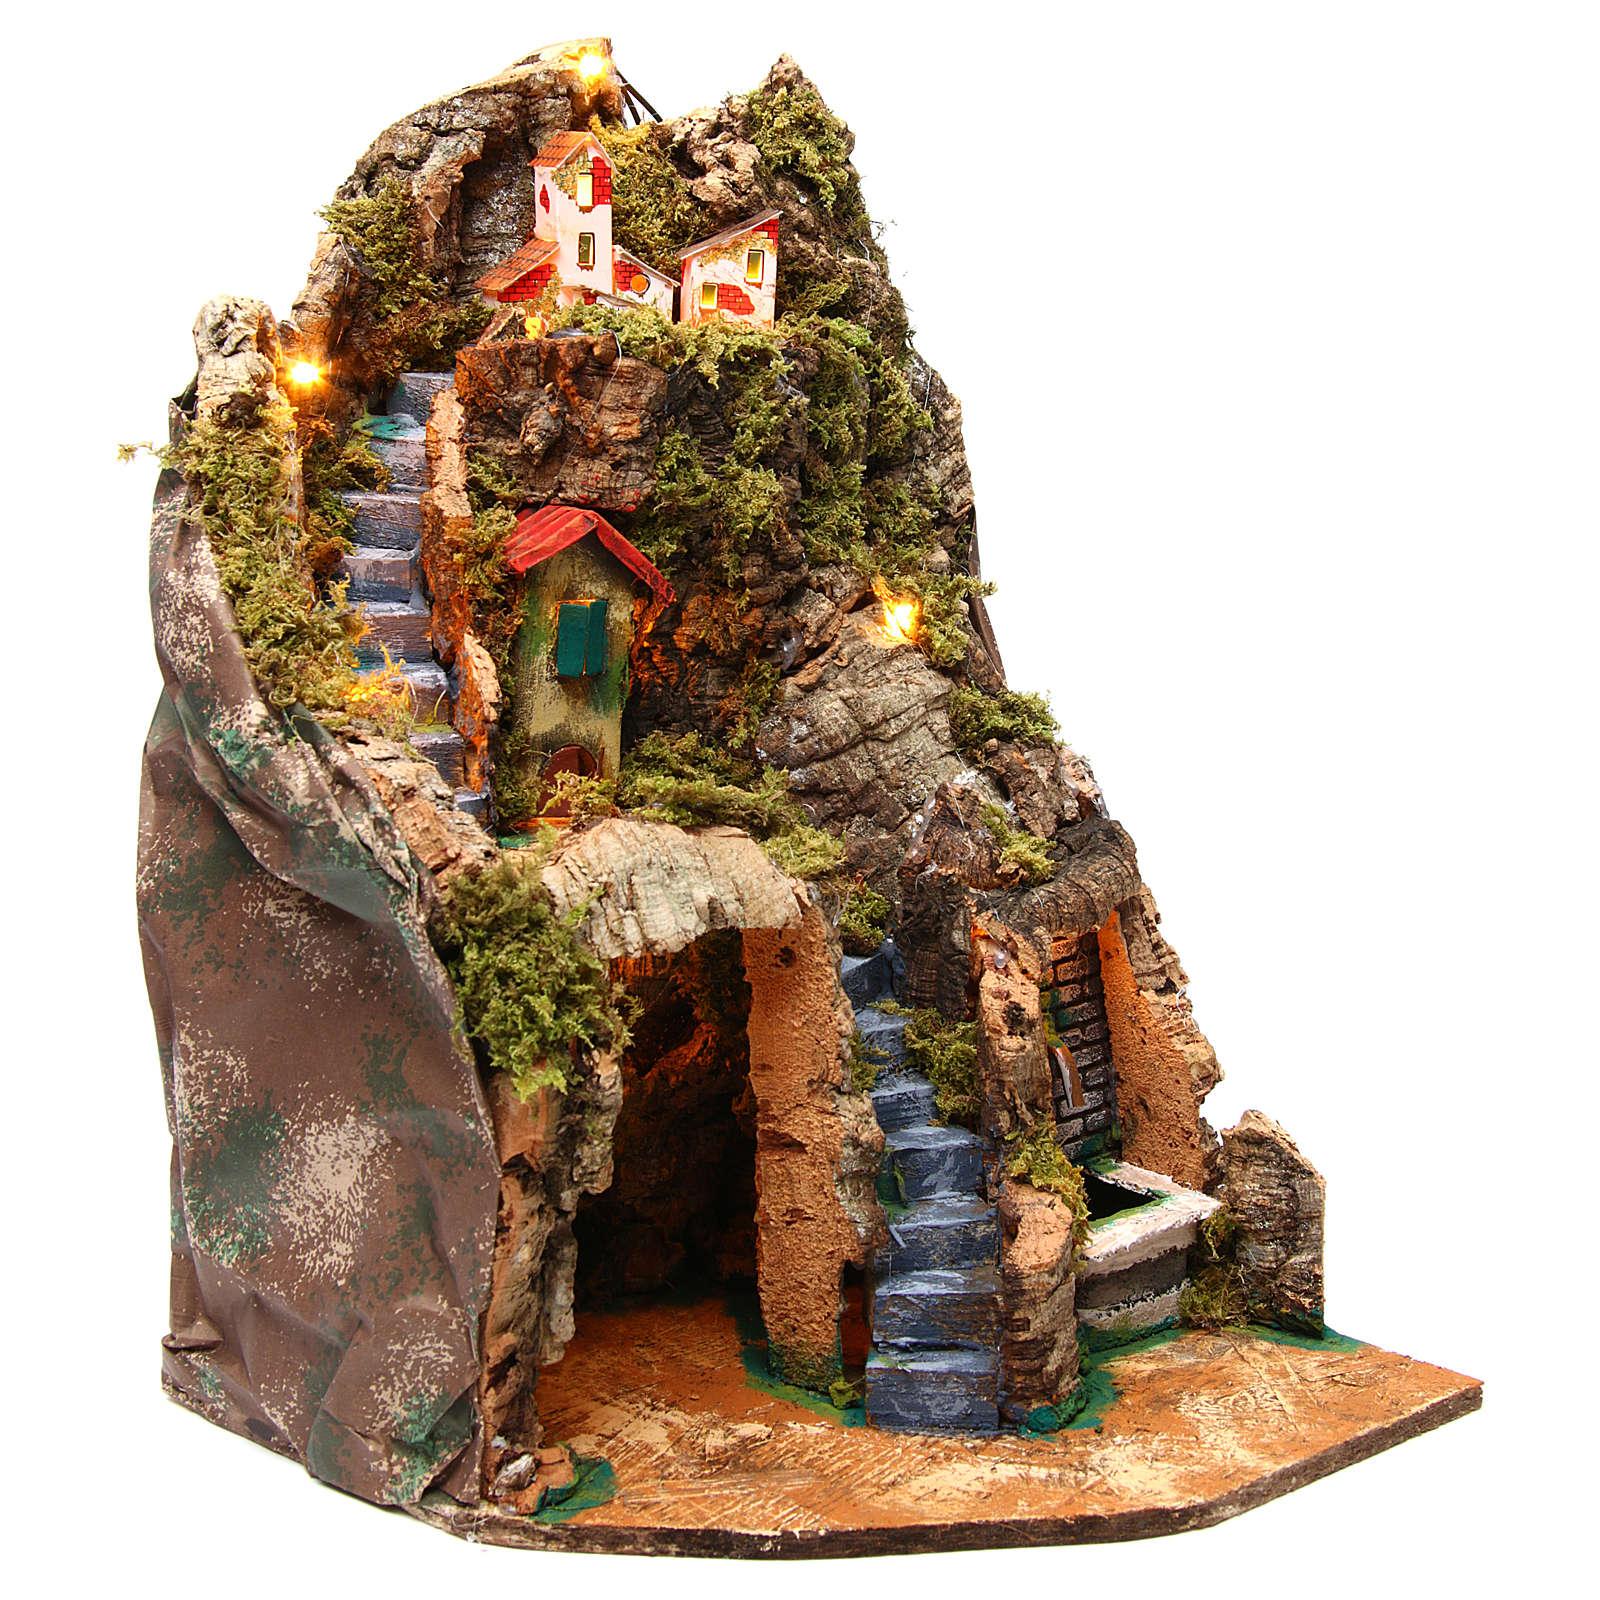 Borgo presepe angolare con fontana 30x30x40 cm per statuine 8-10 cm  4